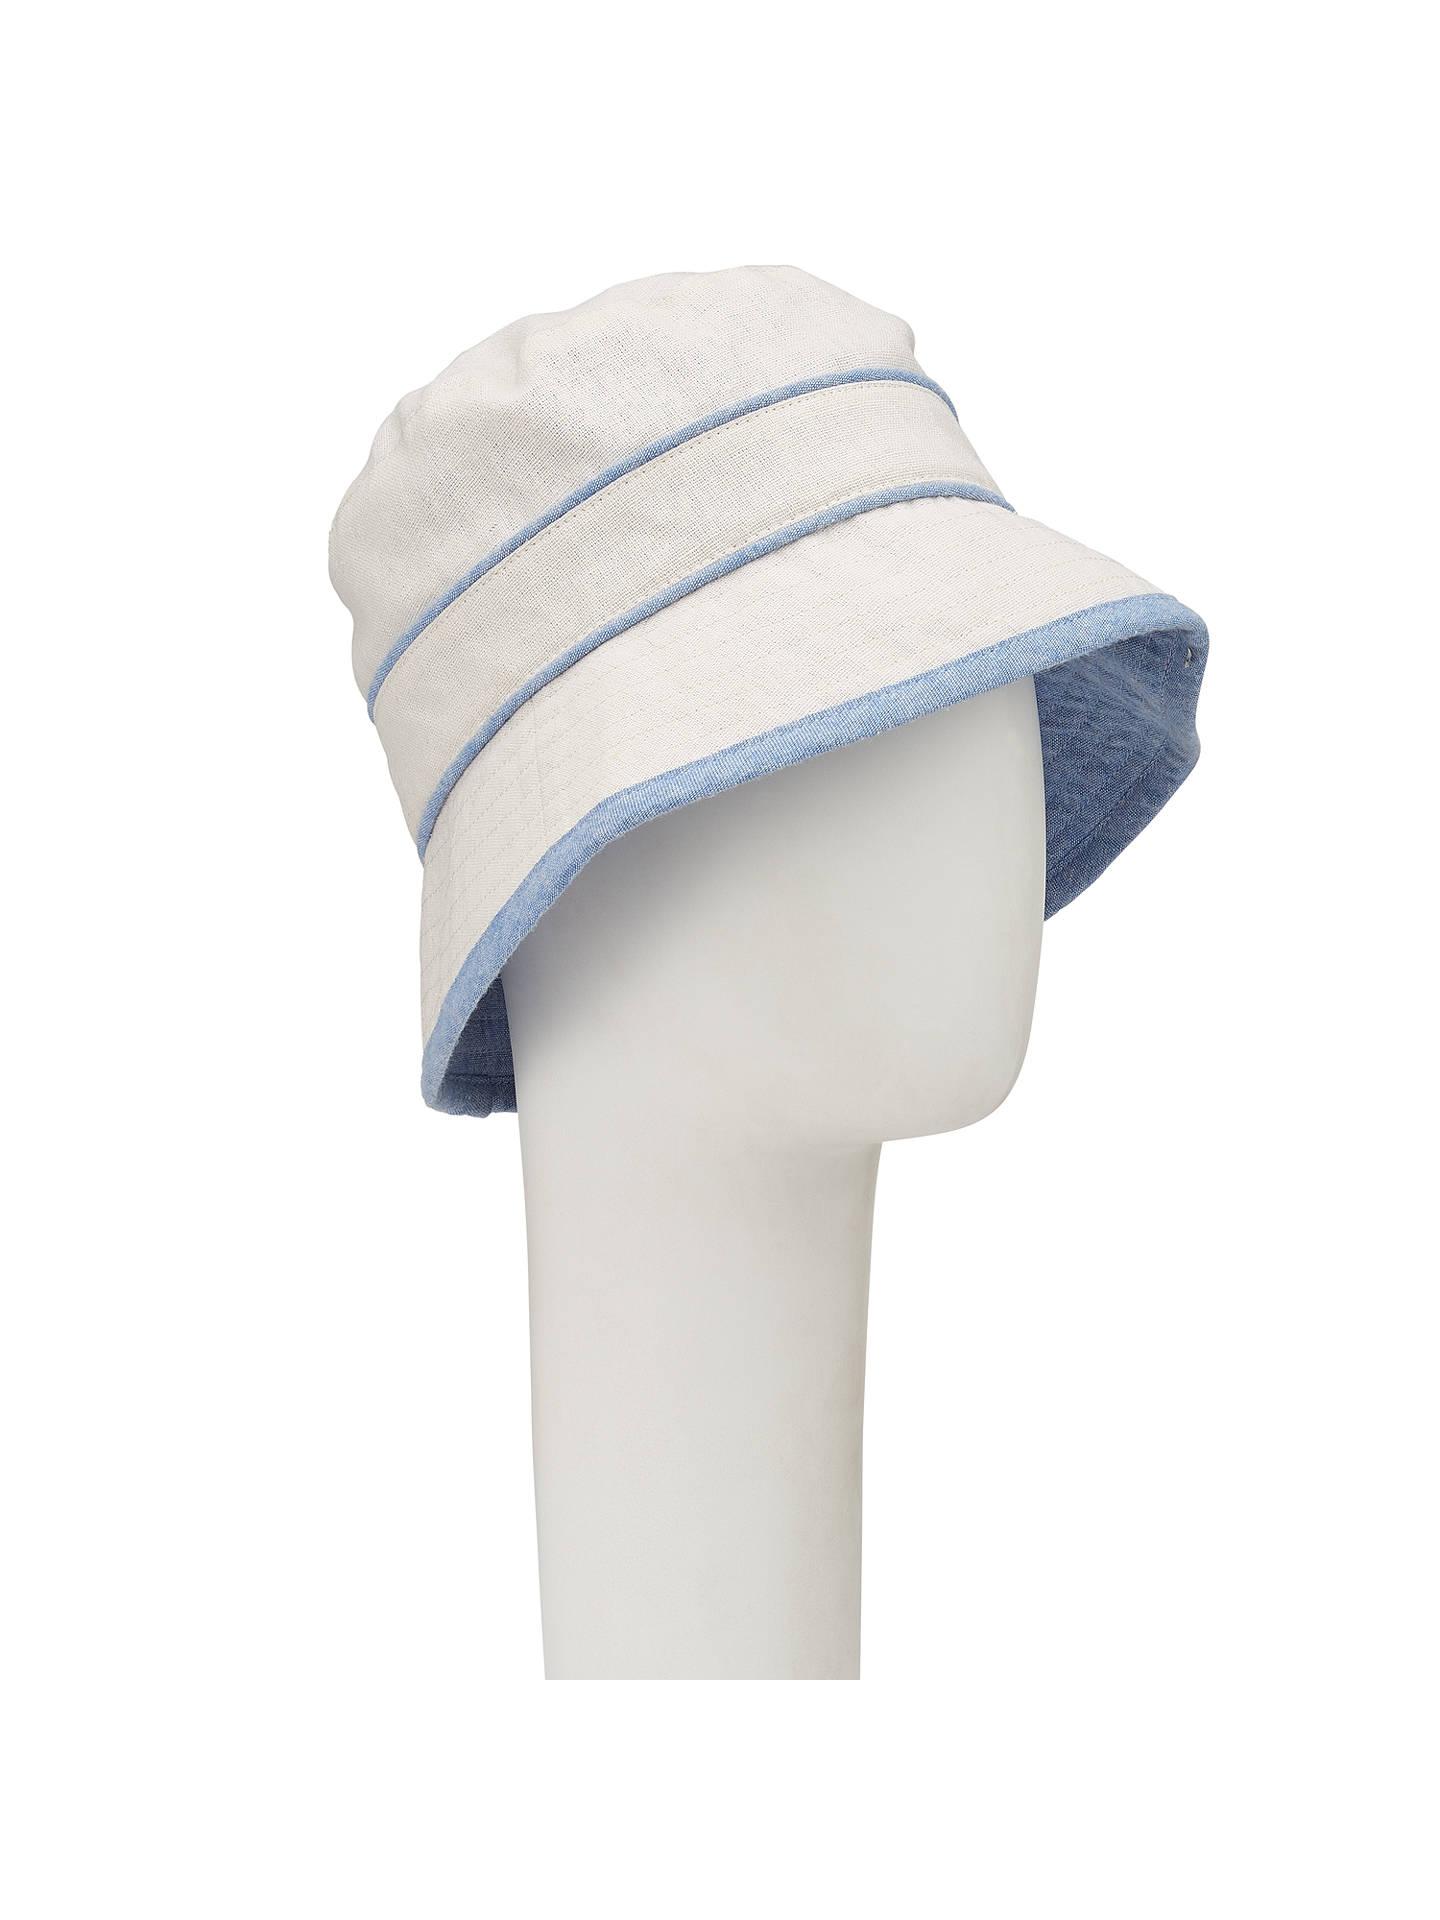 c8dcab2cab3 BuyJohn Lewis Reversible Bucket Hat